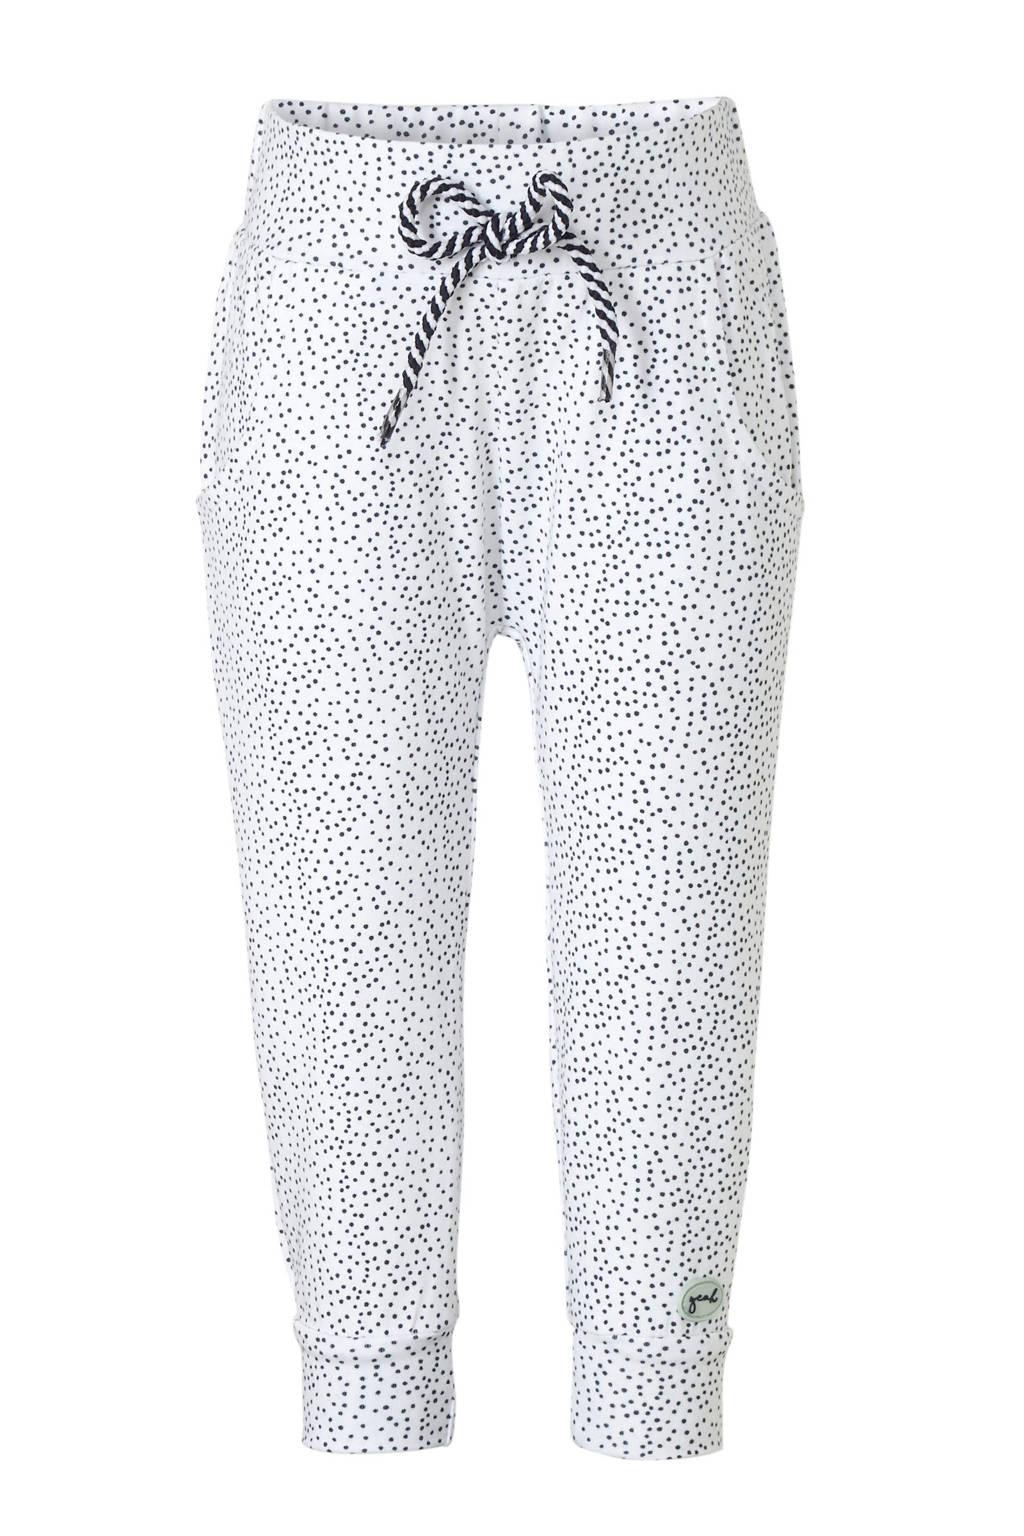 Dirkje high waist broek met stippen wit/zwart, Wit/zwart